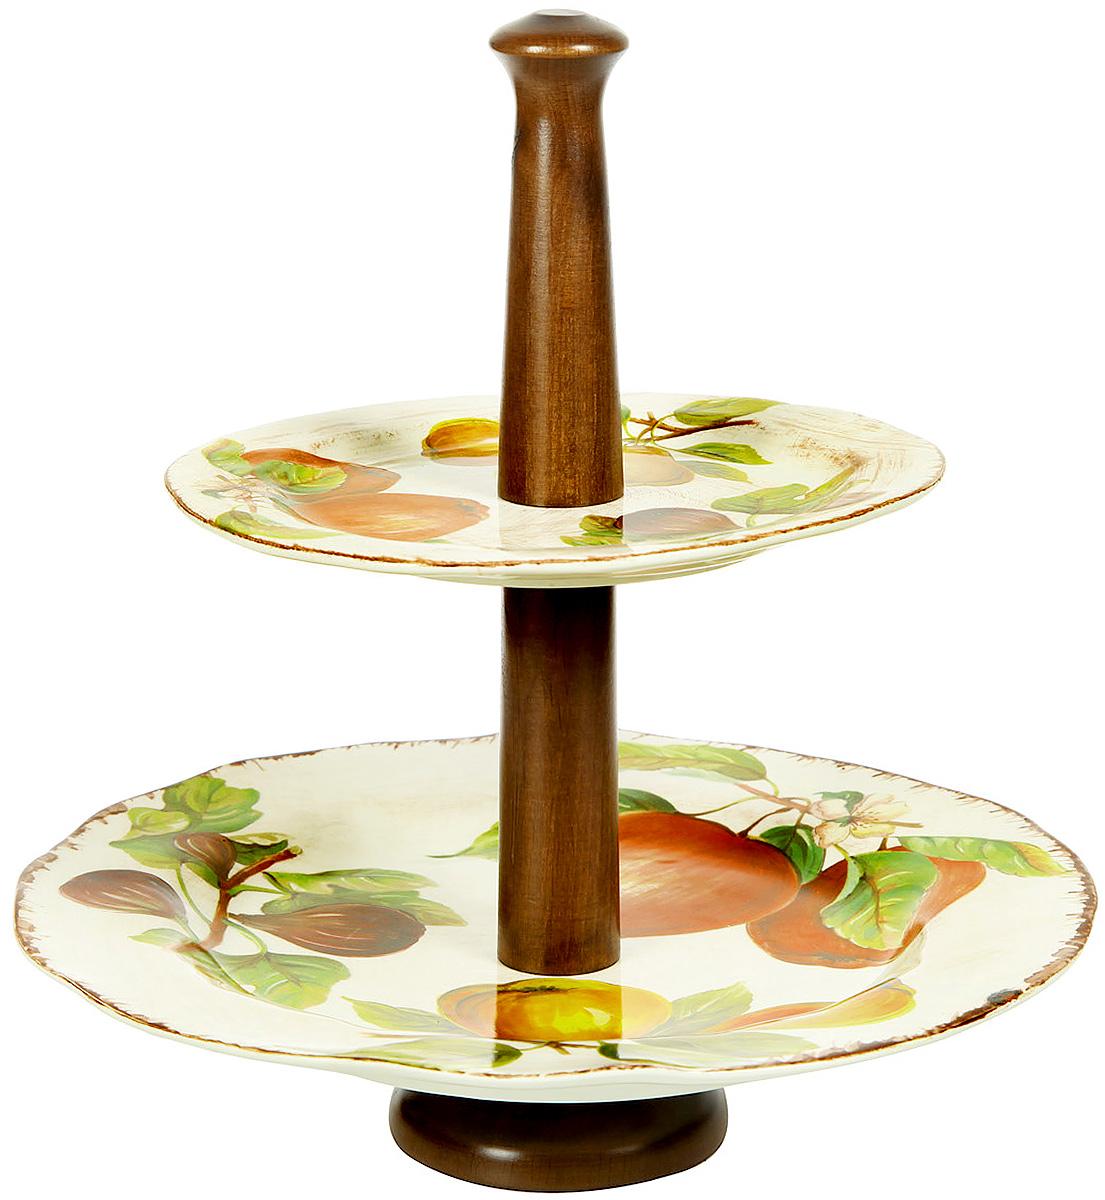 Горка двухъярусная Sestesi, высота 34 смFRTT/1055Создание компании, претендующей на мировую популярность, требует наличия определенной изюминки. Фирма Lavorazione Ceramiche Sestesi (LCS) – популярный производитель, известный своими первоклассными изделиями из керамики. Дизайнеры компании разрабатывают разнообразные декоры в современном и классическом стилях, ориентируясь на новомодные тенденции.Изделия снабжены подарочными упаковками, поэтому могут быть преподнесены в качестве подарка к любому торжеству. Собрав набор из различных предметов, вы сможете организовать прекрасный и, что особенно важно, функциональный презент молодоженам, новоселам или просто сделать приятный сюрприз для близкого человека.Прекрасные декоры, ручная роспись, превосходное качество и регулярное обновление коллекций позволило итальянской компании Lavorazione Ceramiche Sestesi достаточно быстро выйти на мировой уровень. Сегодня ее изделия известны далеко за рубежом. Роскошная керамика LCS по вкусу ценителям изысканной посуды, выполненной в флорентийском стиле. В сборе высота 34смнижний ярус 300 х 300 х 20 верхний ярус 215 х 215 х 15